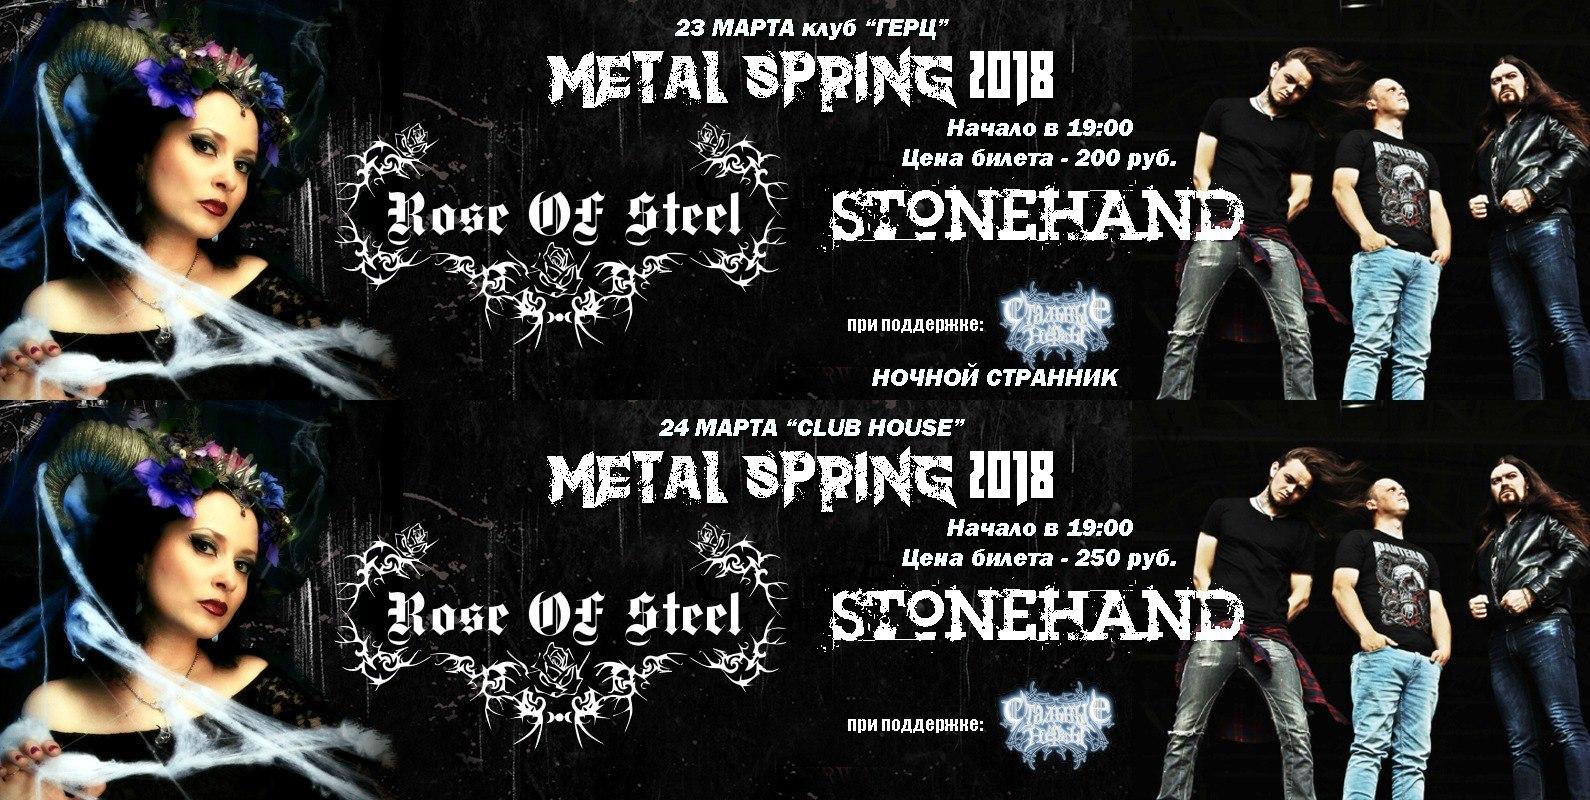 Metal Spring 2018